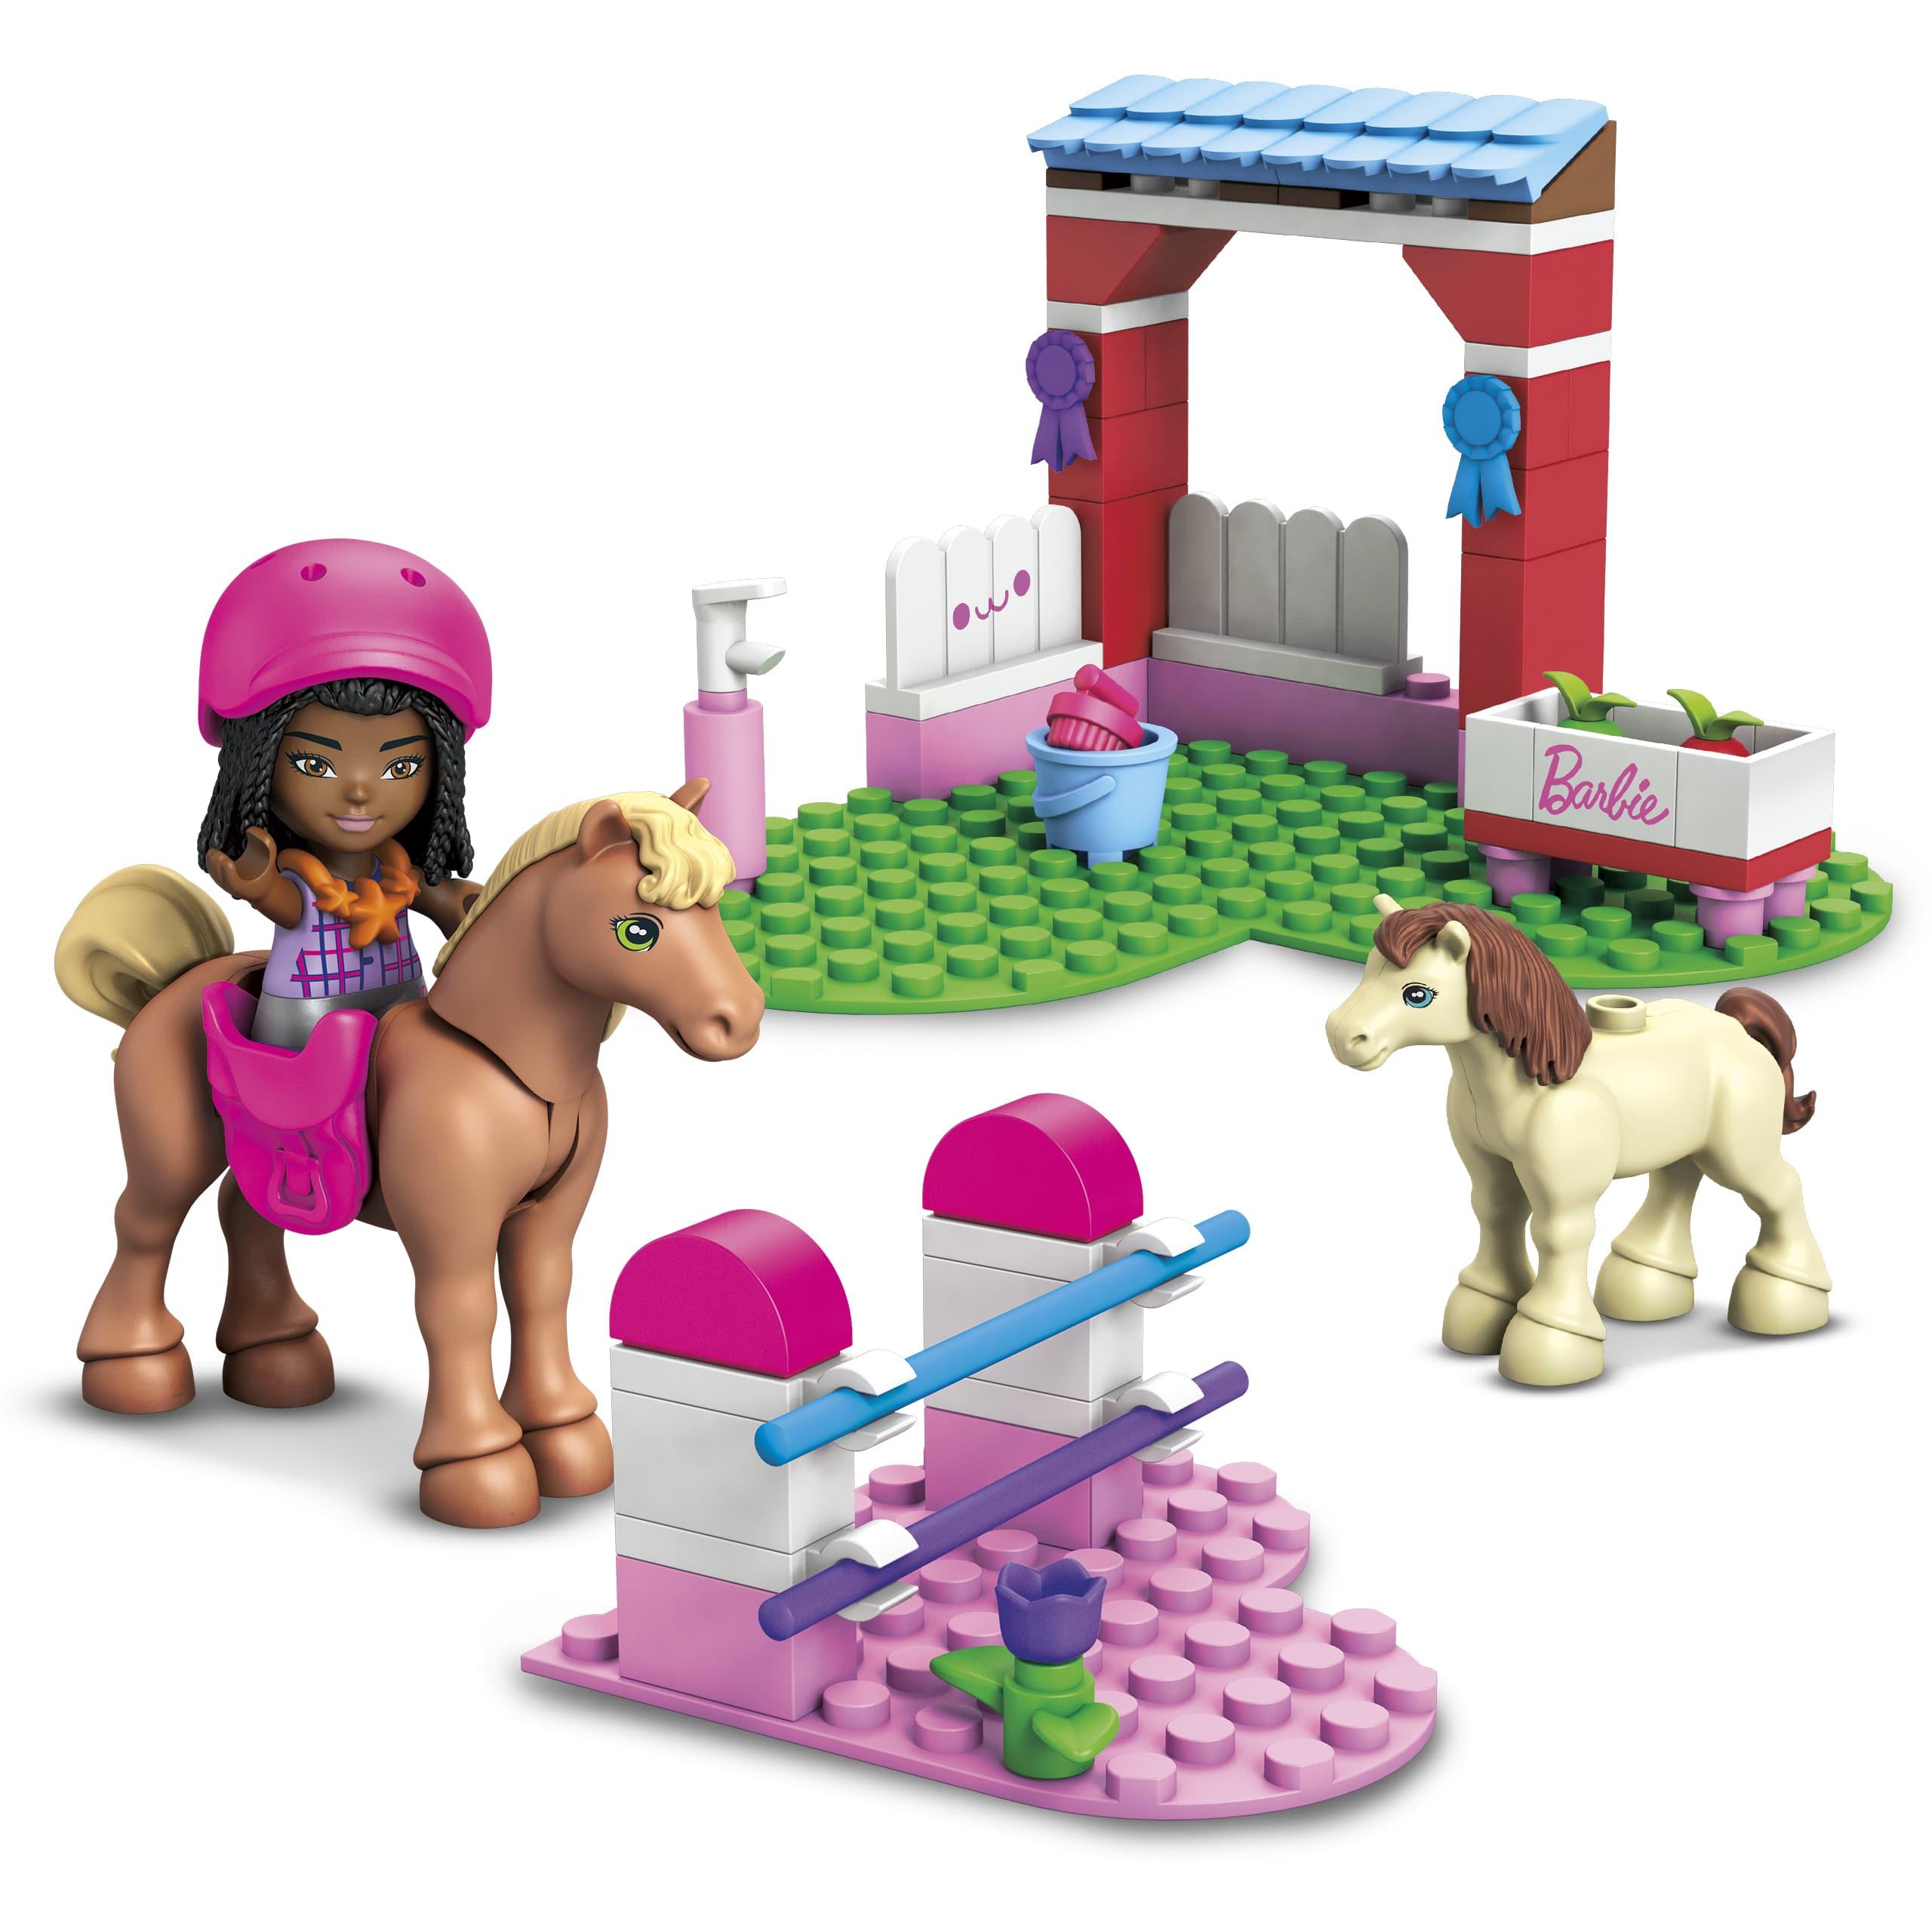 Mega Construx unveils Barbie-themed building sets 17